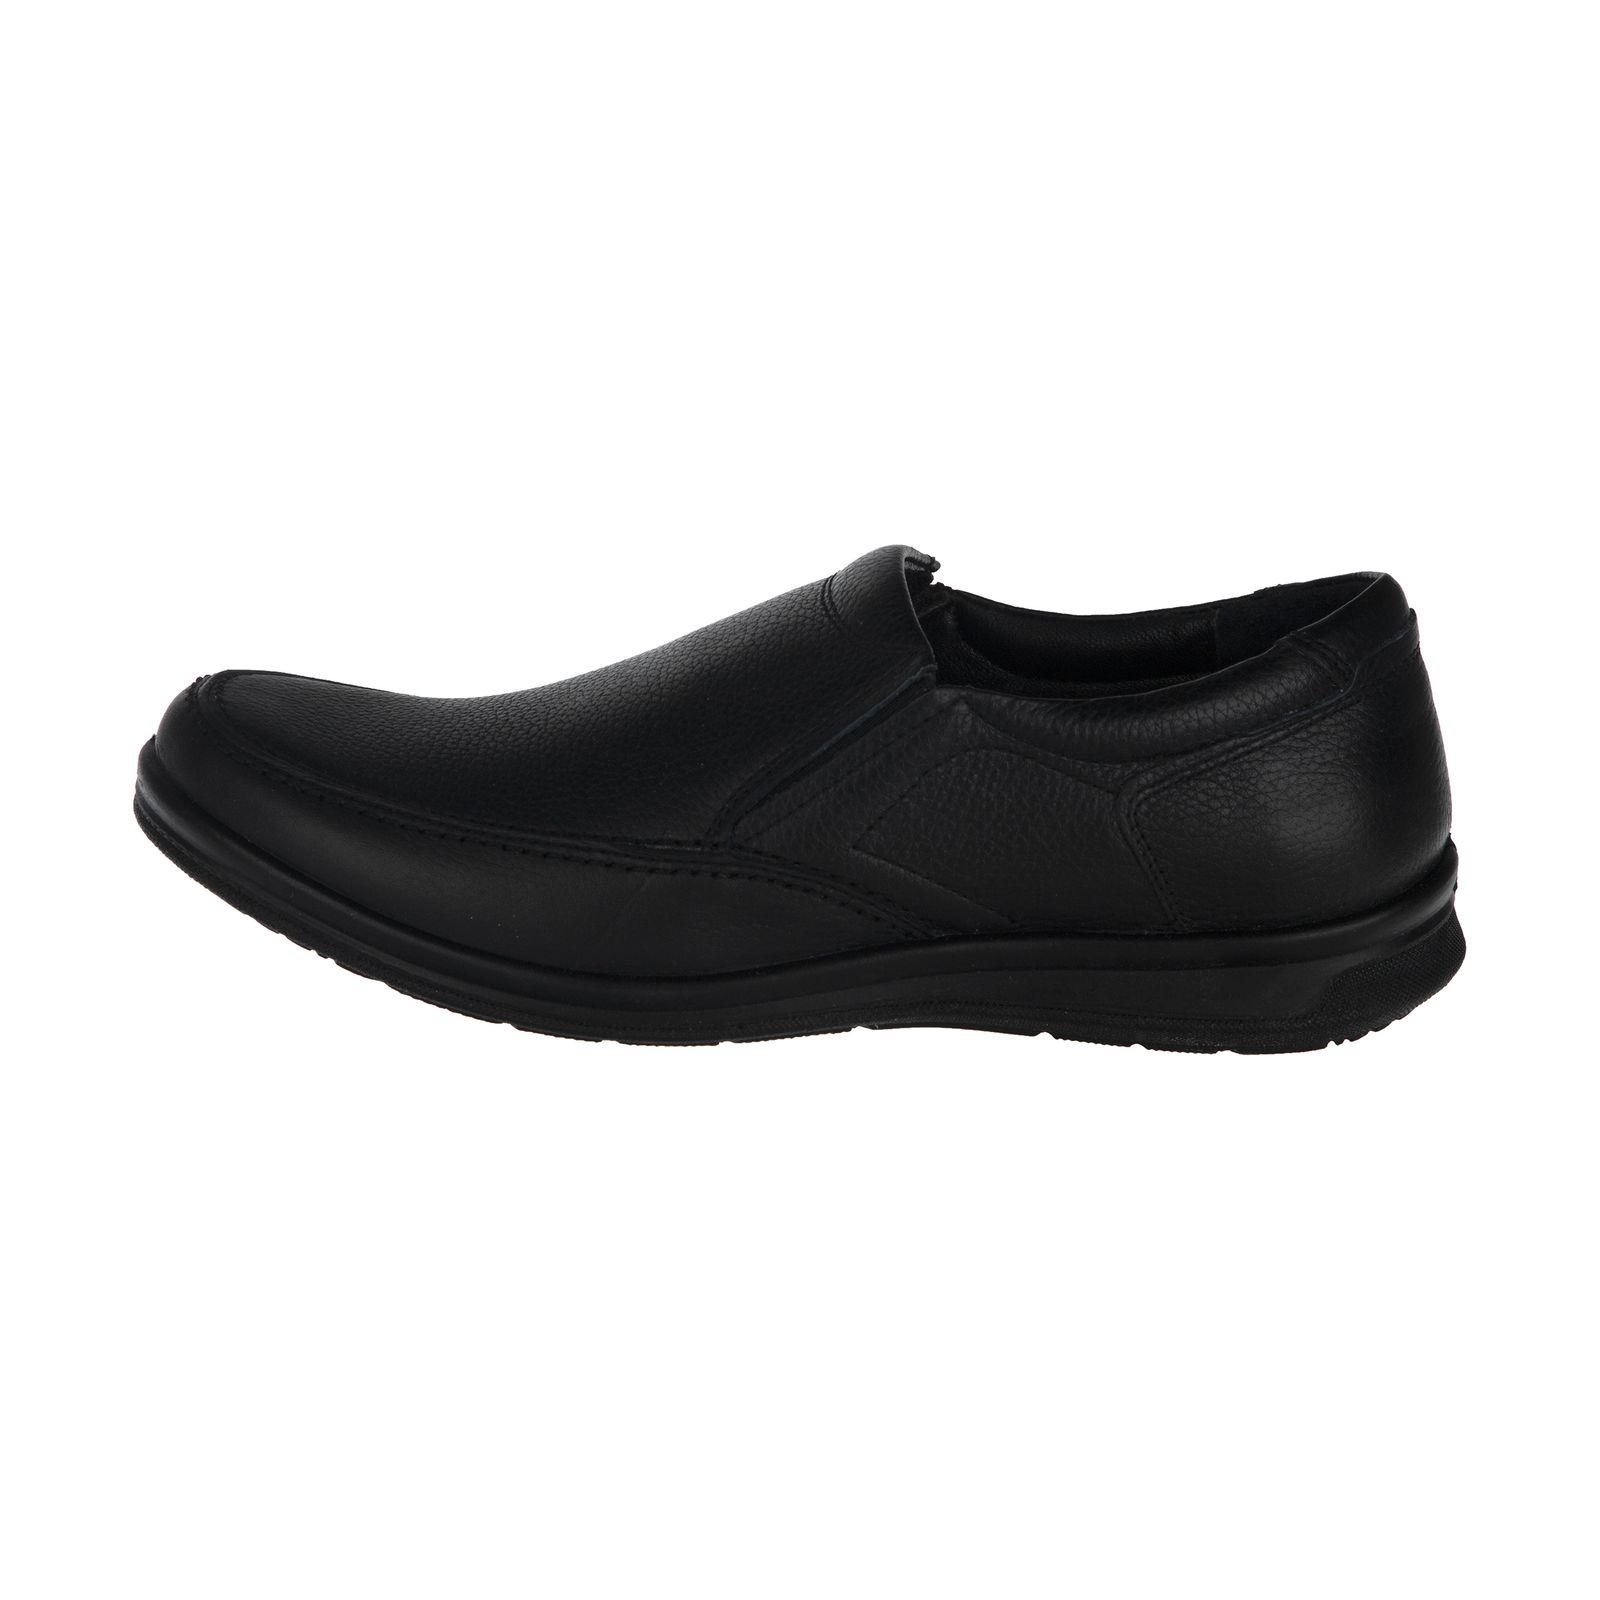 کفش روزمره مردانه بلوط مدل 7296A503101 -  - 2